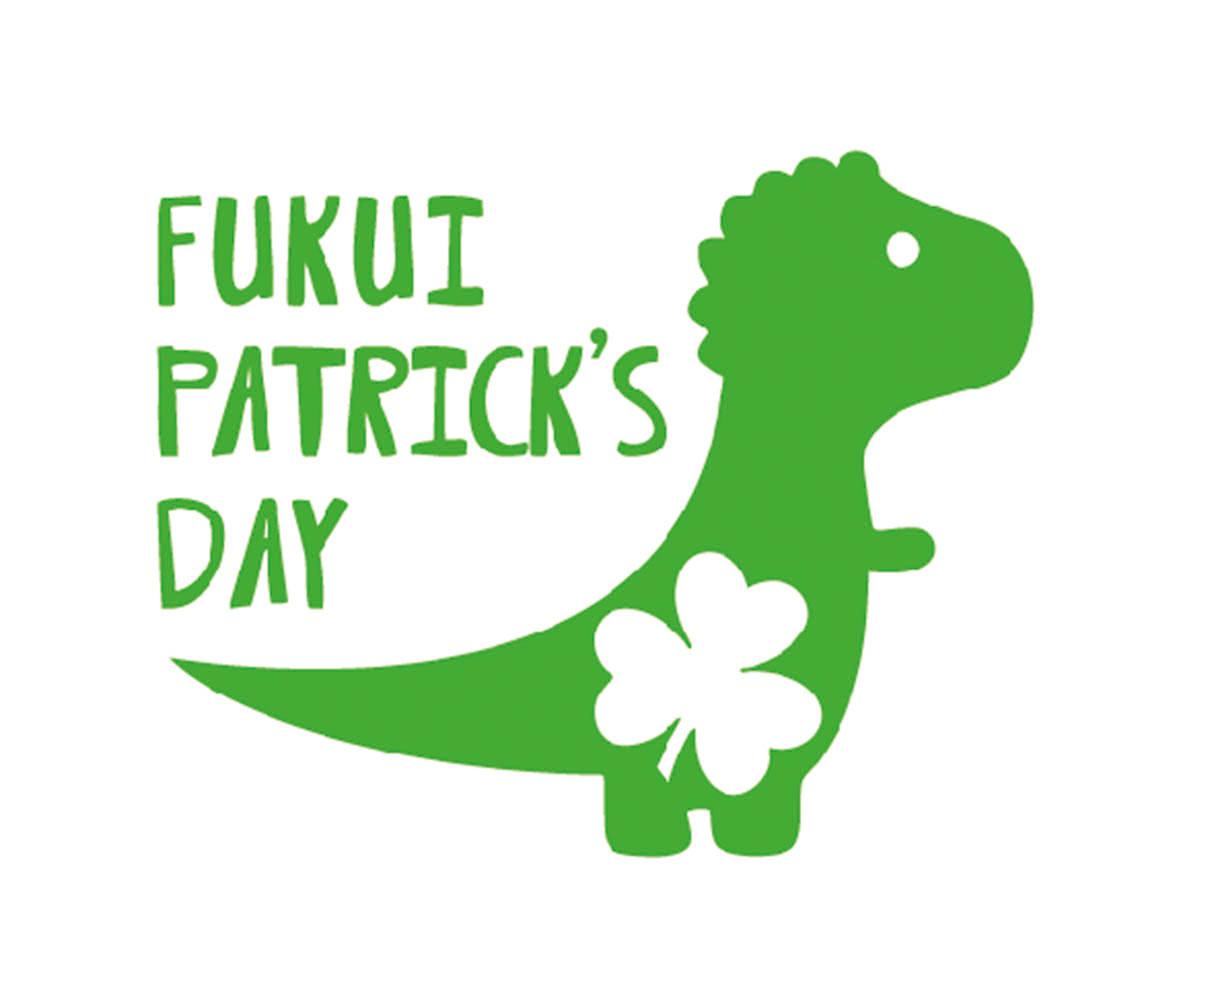 【3/20】福井×アイルランドの国際交流フェスティバル「ふくいパトリックスデー2021」。